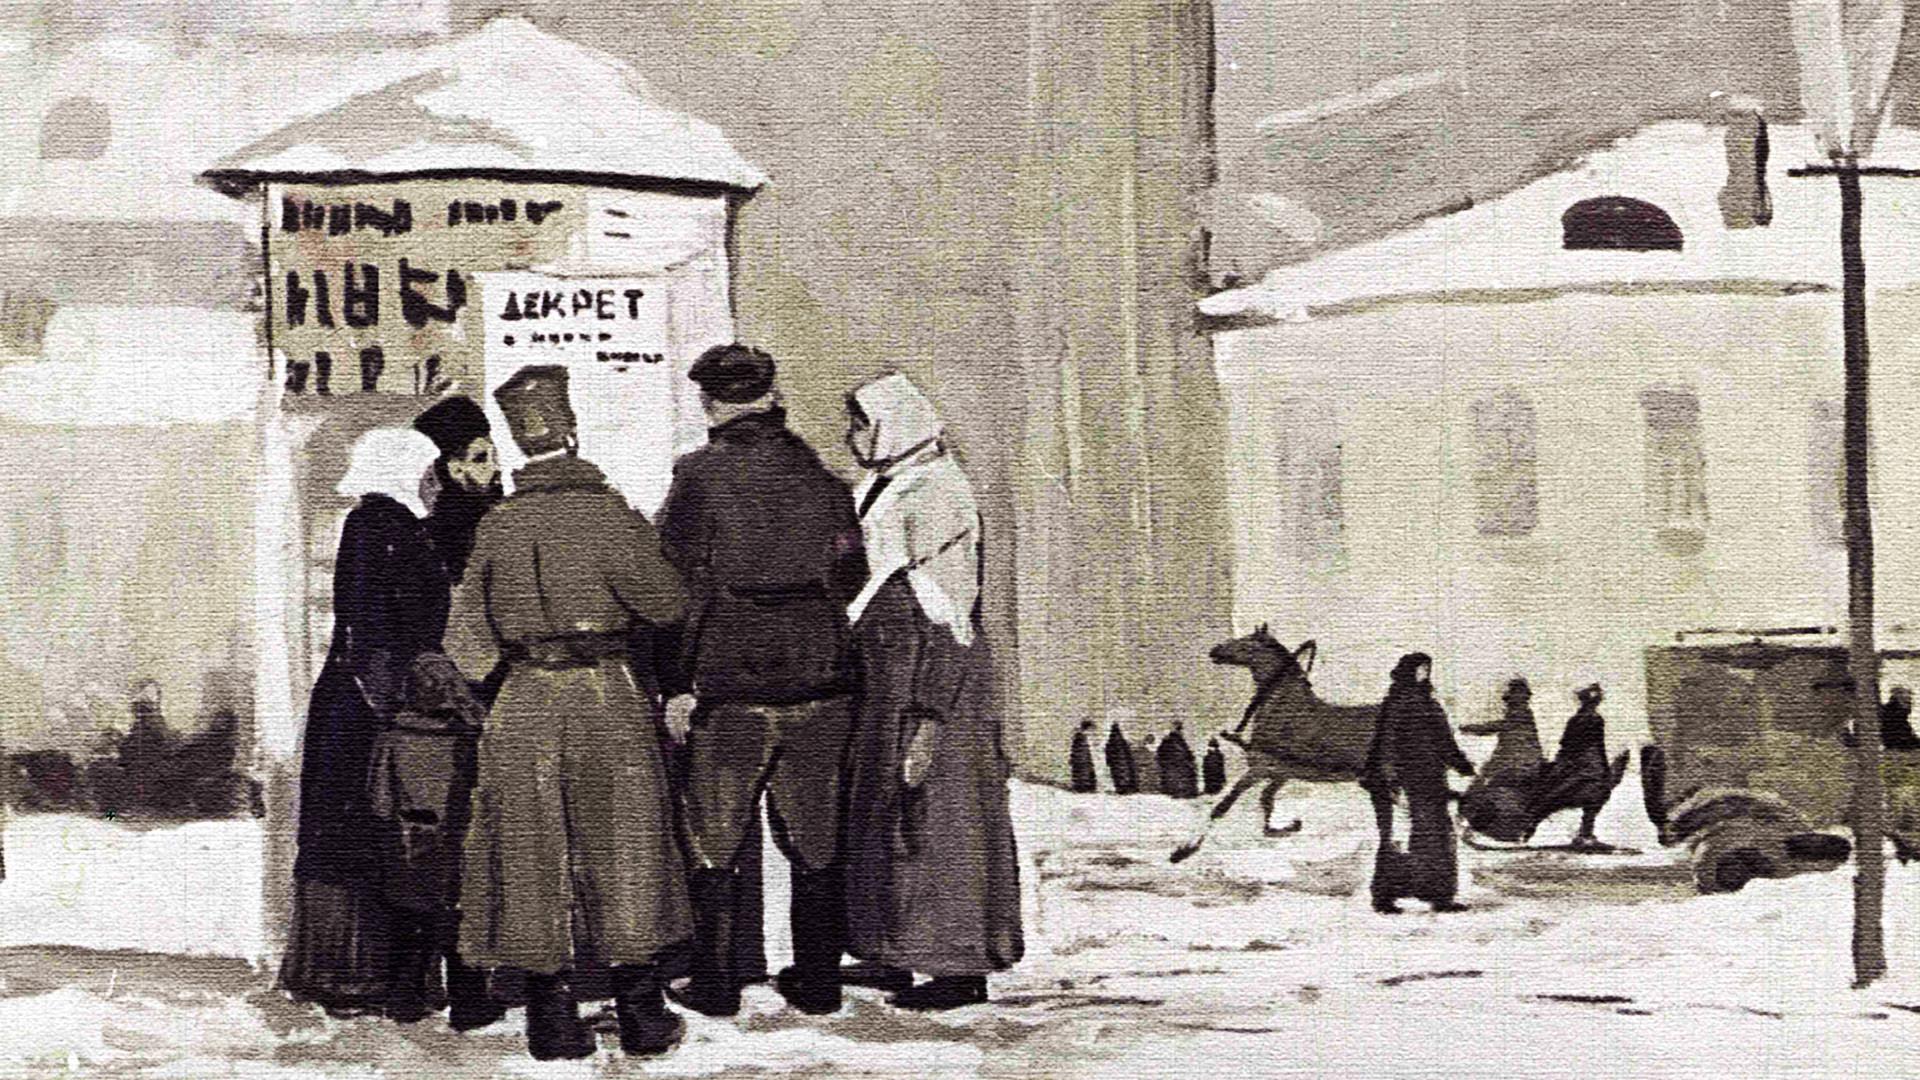 Sebuah lukisan yang menunjukkan orang-orang berkumpul untuk membaca salah satu keputusan yang dikeluarkan kaum Bolshevik.